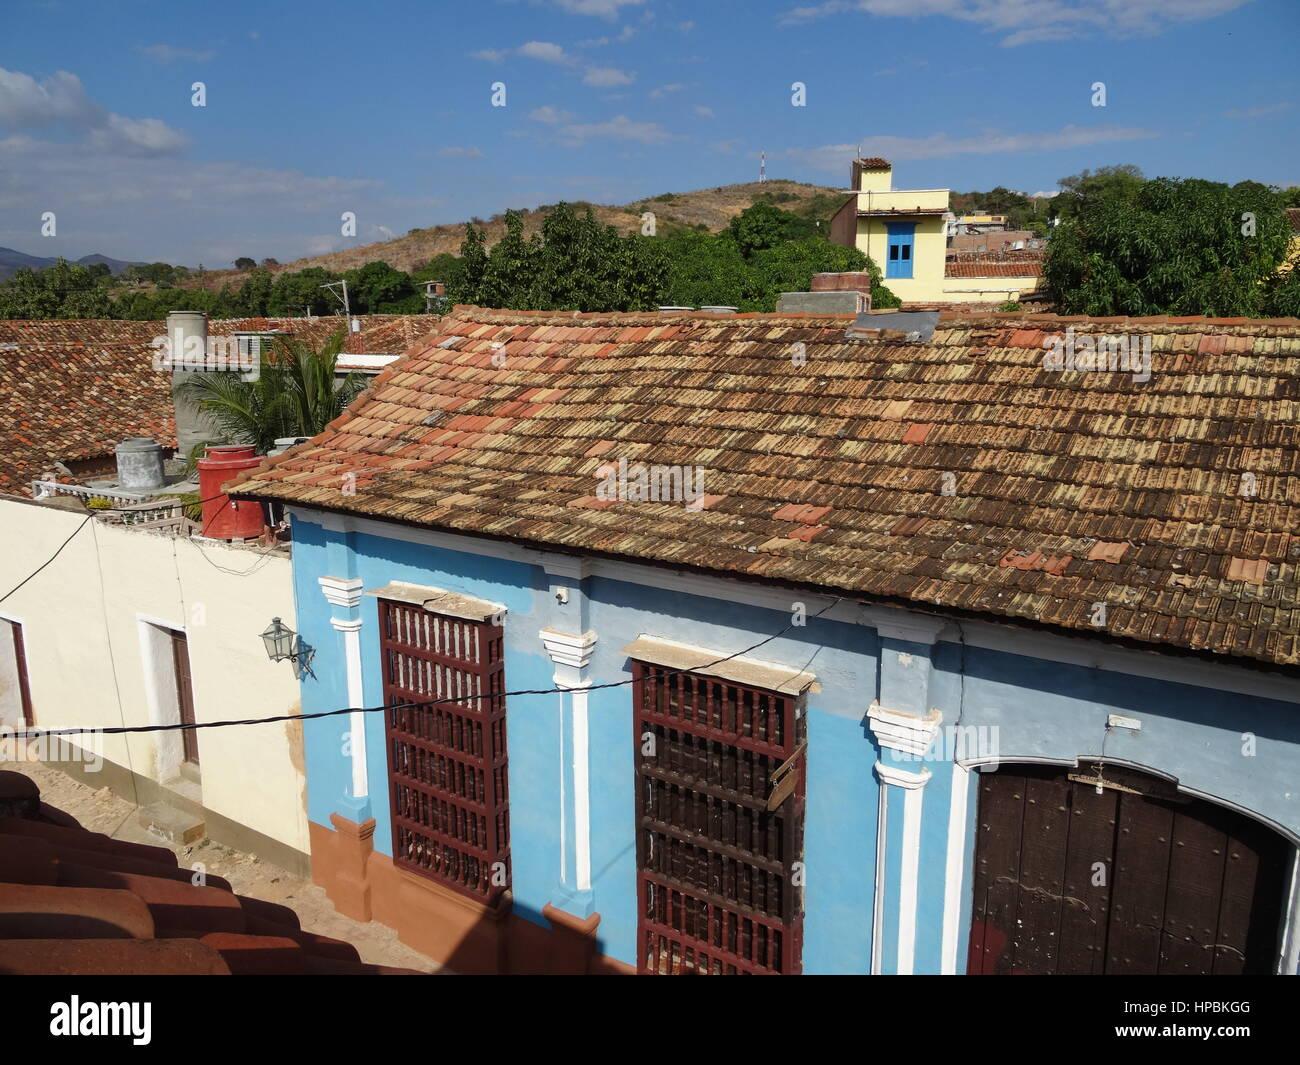 Trinidad, Kuba-Ansicht von oben, Dächer und farbenfrohen alten kolonialen Gebäuden Stockbild